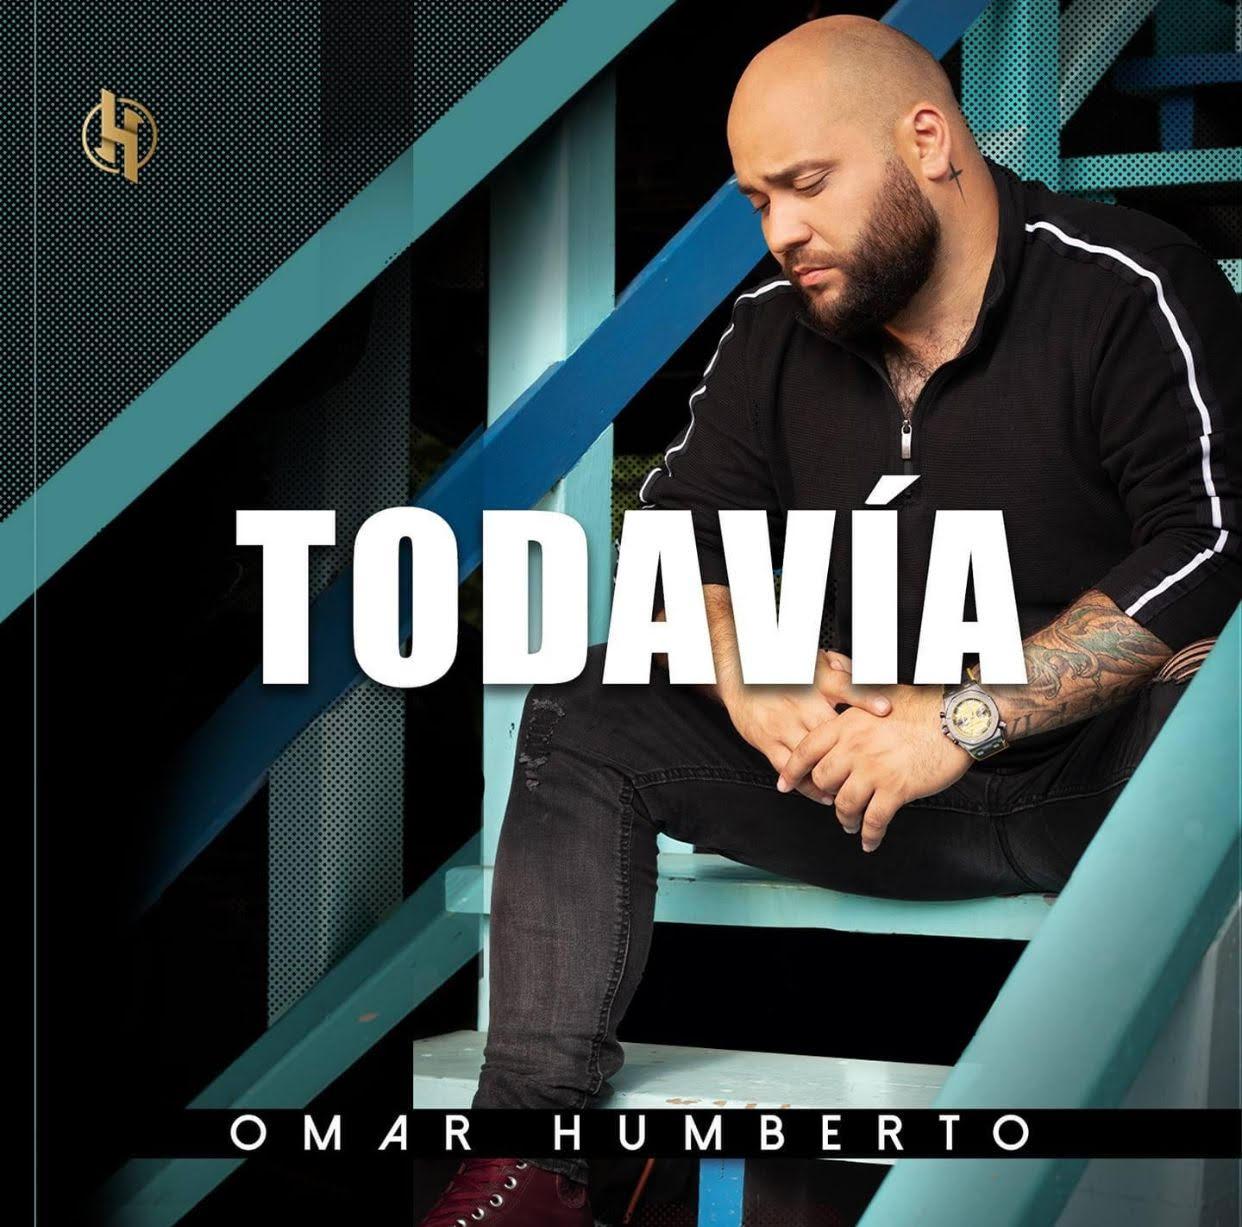 Omar Humberto – Todavía